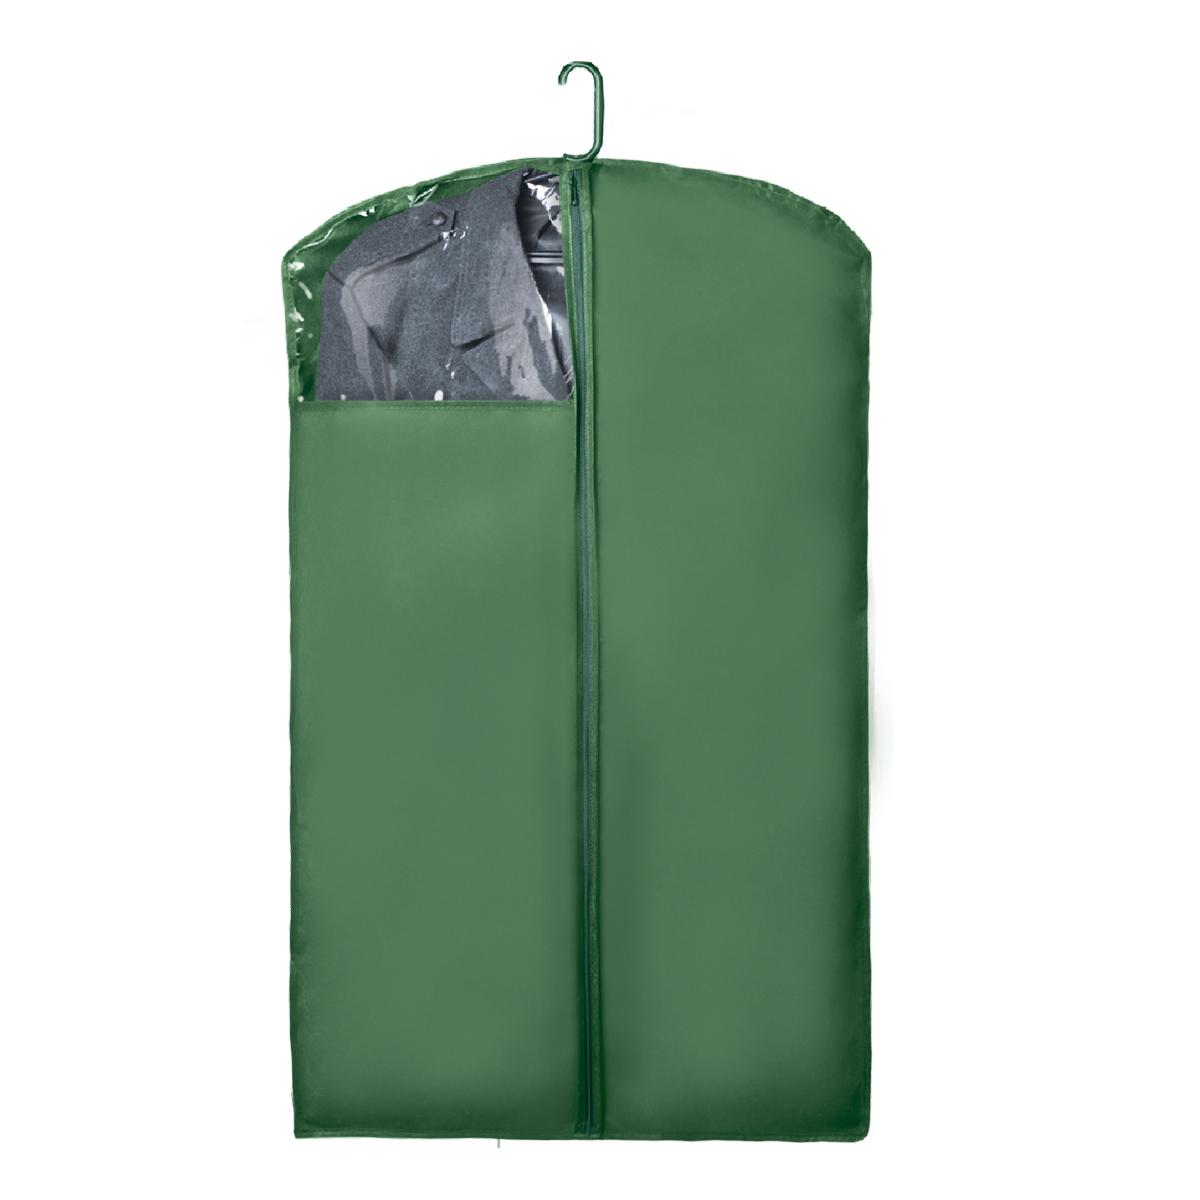 Чехол для верхней одежды Miolla, с окошком, цвет: зеленый, 100 х 60 смCHL-1-2Чехол для верхней одежды Miolla на застежке-молнии выполнен из высококачественного нетканого материала. Прозрачное полиэтиленовое окошко позволяет видеть содержимое чехла. Подходит для длительного хранения вещей. Чехол обеспечивает вашей одежде надежную защиту от влажности, повреждений и грязи при транспортировке, от запыления при хранении и проникновения моли. Чехол обладает водоотталкивающими свойствами, а также позволяет воздуху свободно поступать внутрь вещей, обеспечивая их кондиционирование. Это особенно важно при хранении кожаных и меховых изделий. Размер чехла: 100 х 60 см.